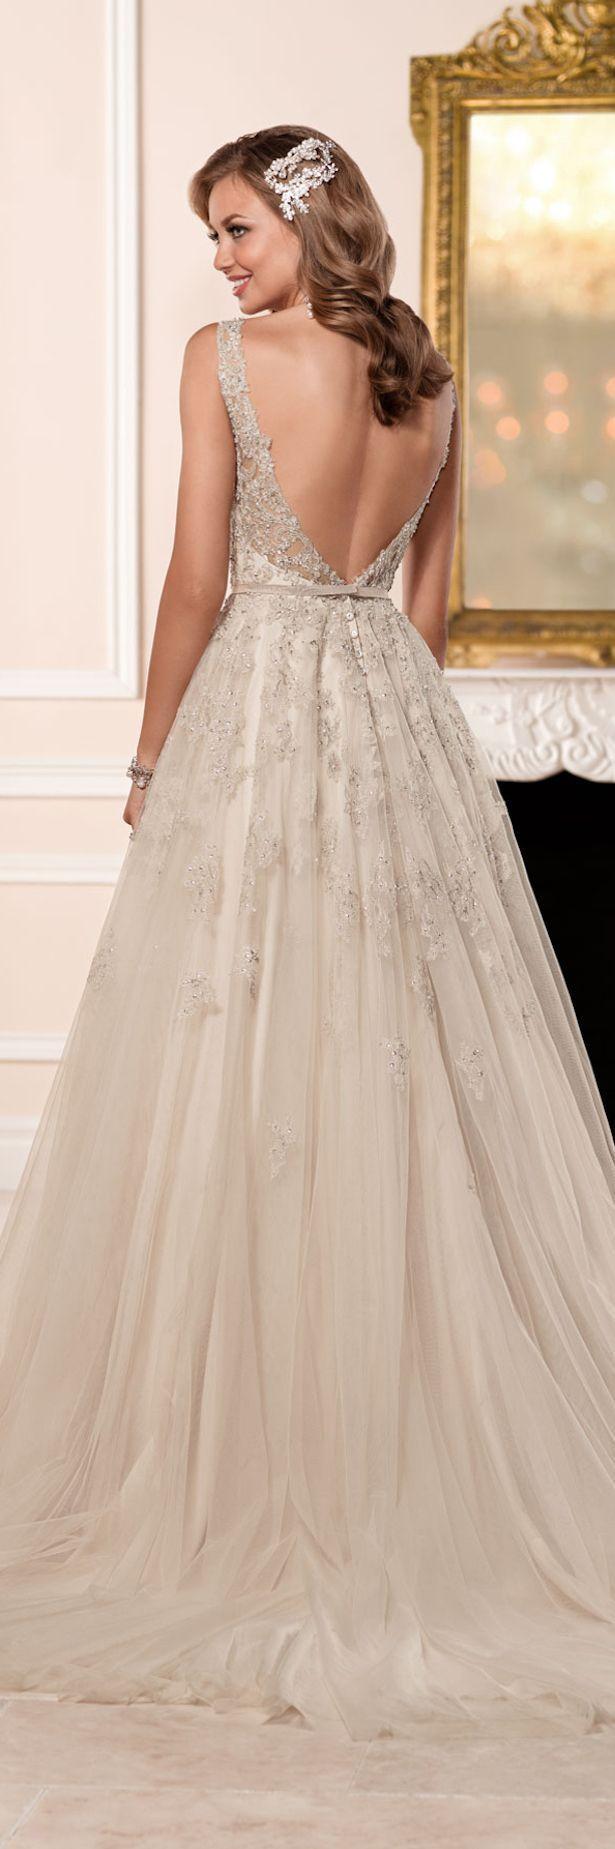 robe de mariage magnifique pas chere dans le 40